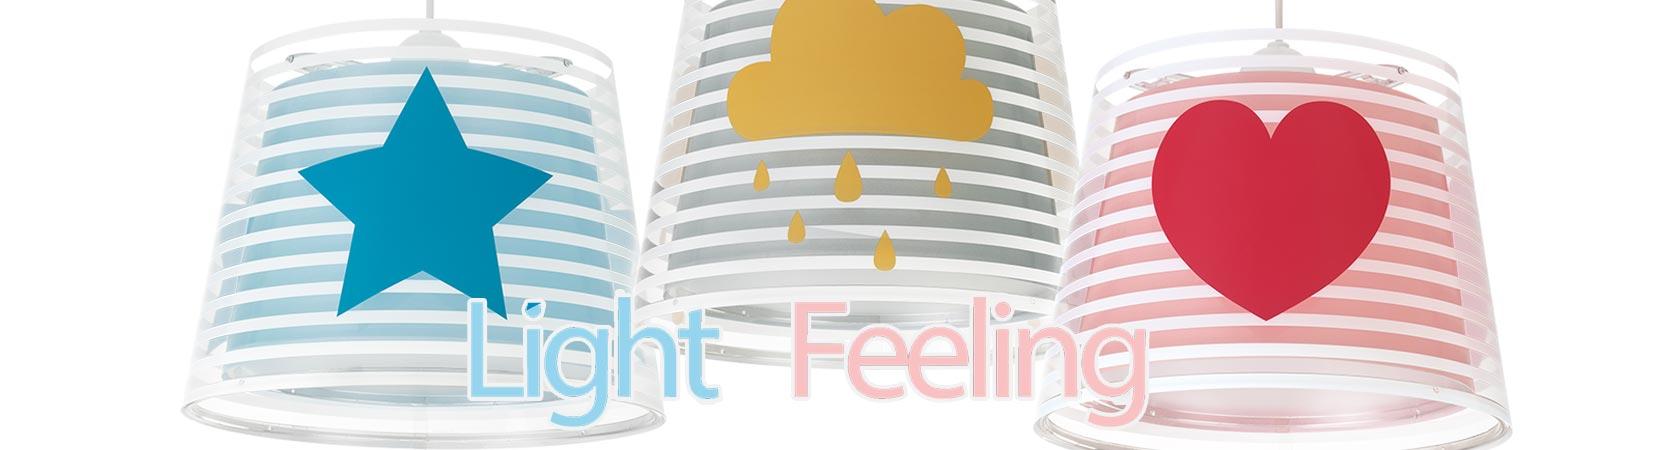 Light Feeling